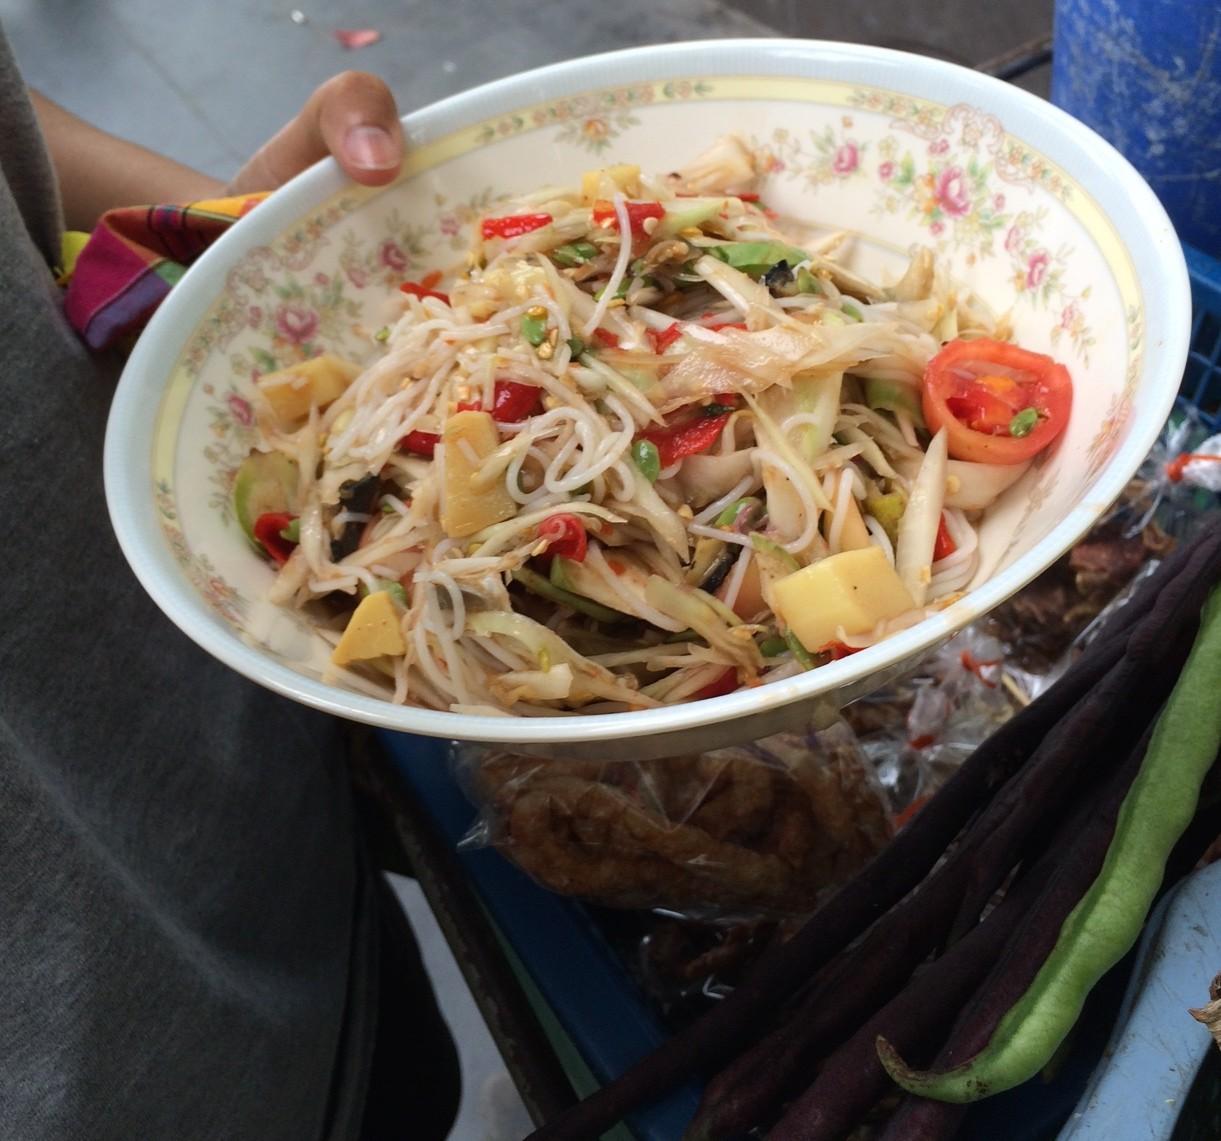 タイのすり鉢で野菜やハーブを潰しているおばちゃん。美味しそうだったけど。ナンプラーとカニ入りでパス。写真だけ。